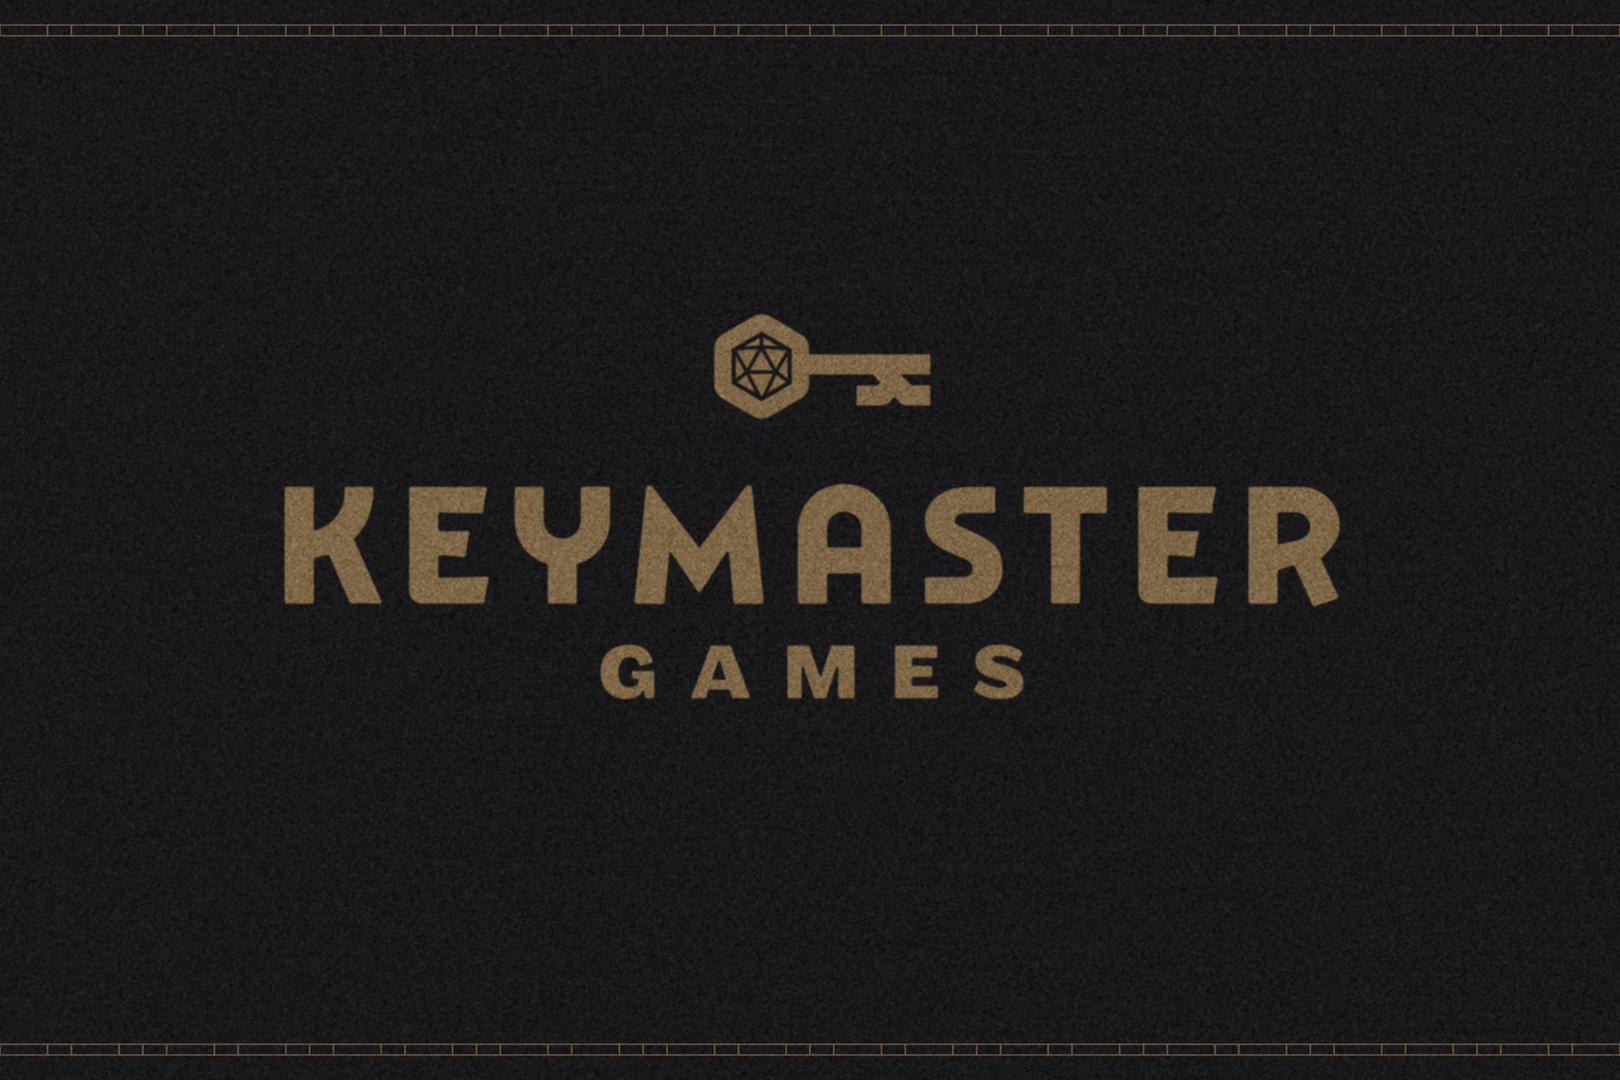 keymaster_logo.png